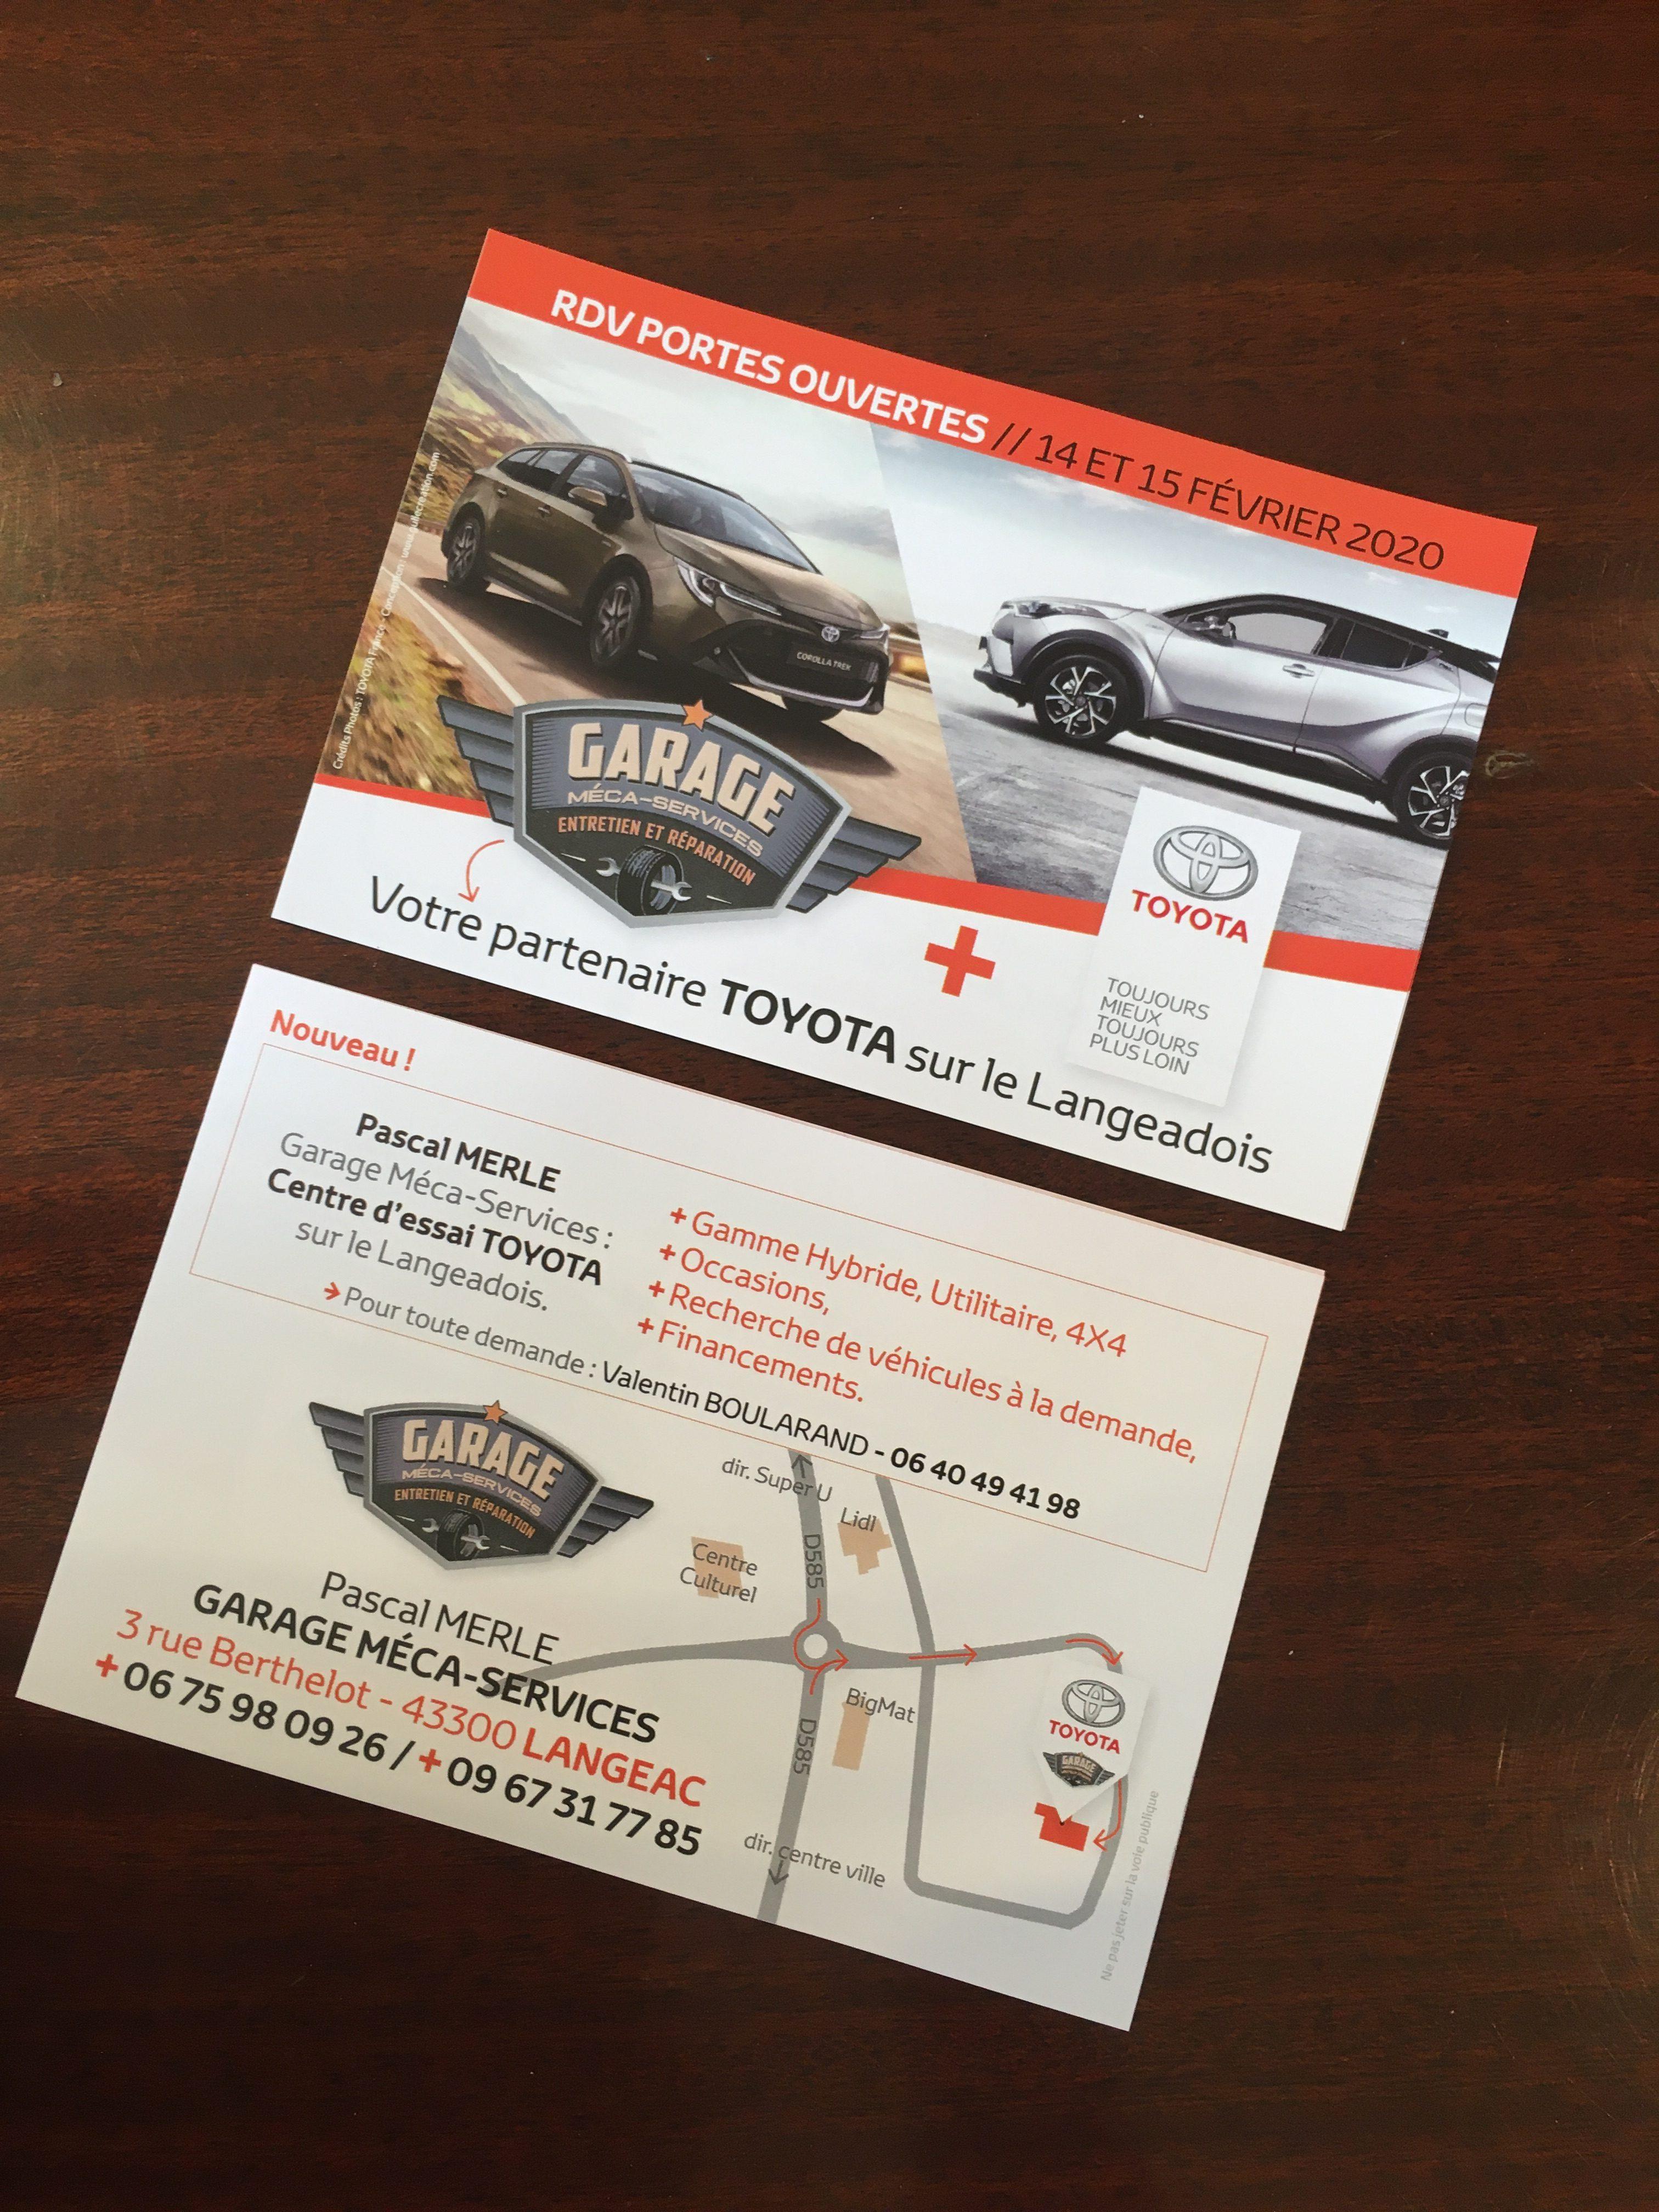 Journée portes ouvertes TOYOTA Escudero & Garage Méca Services